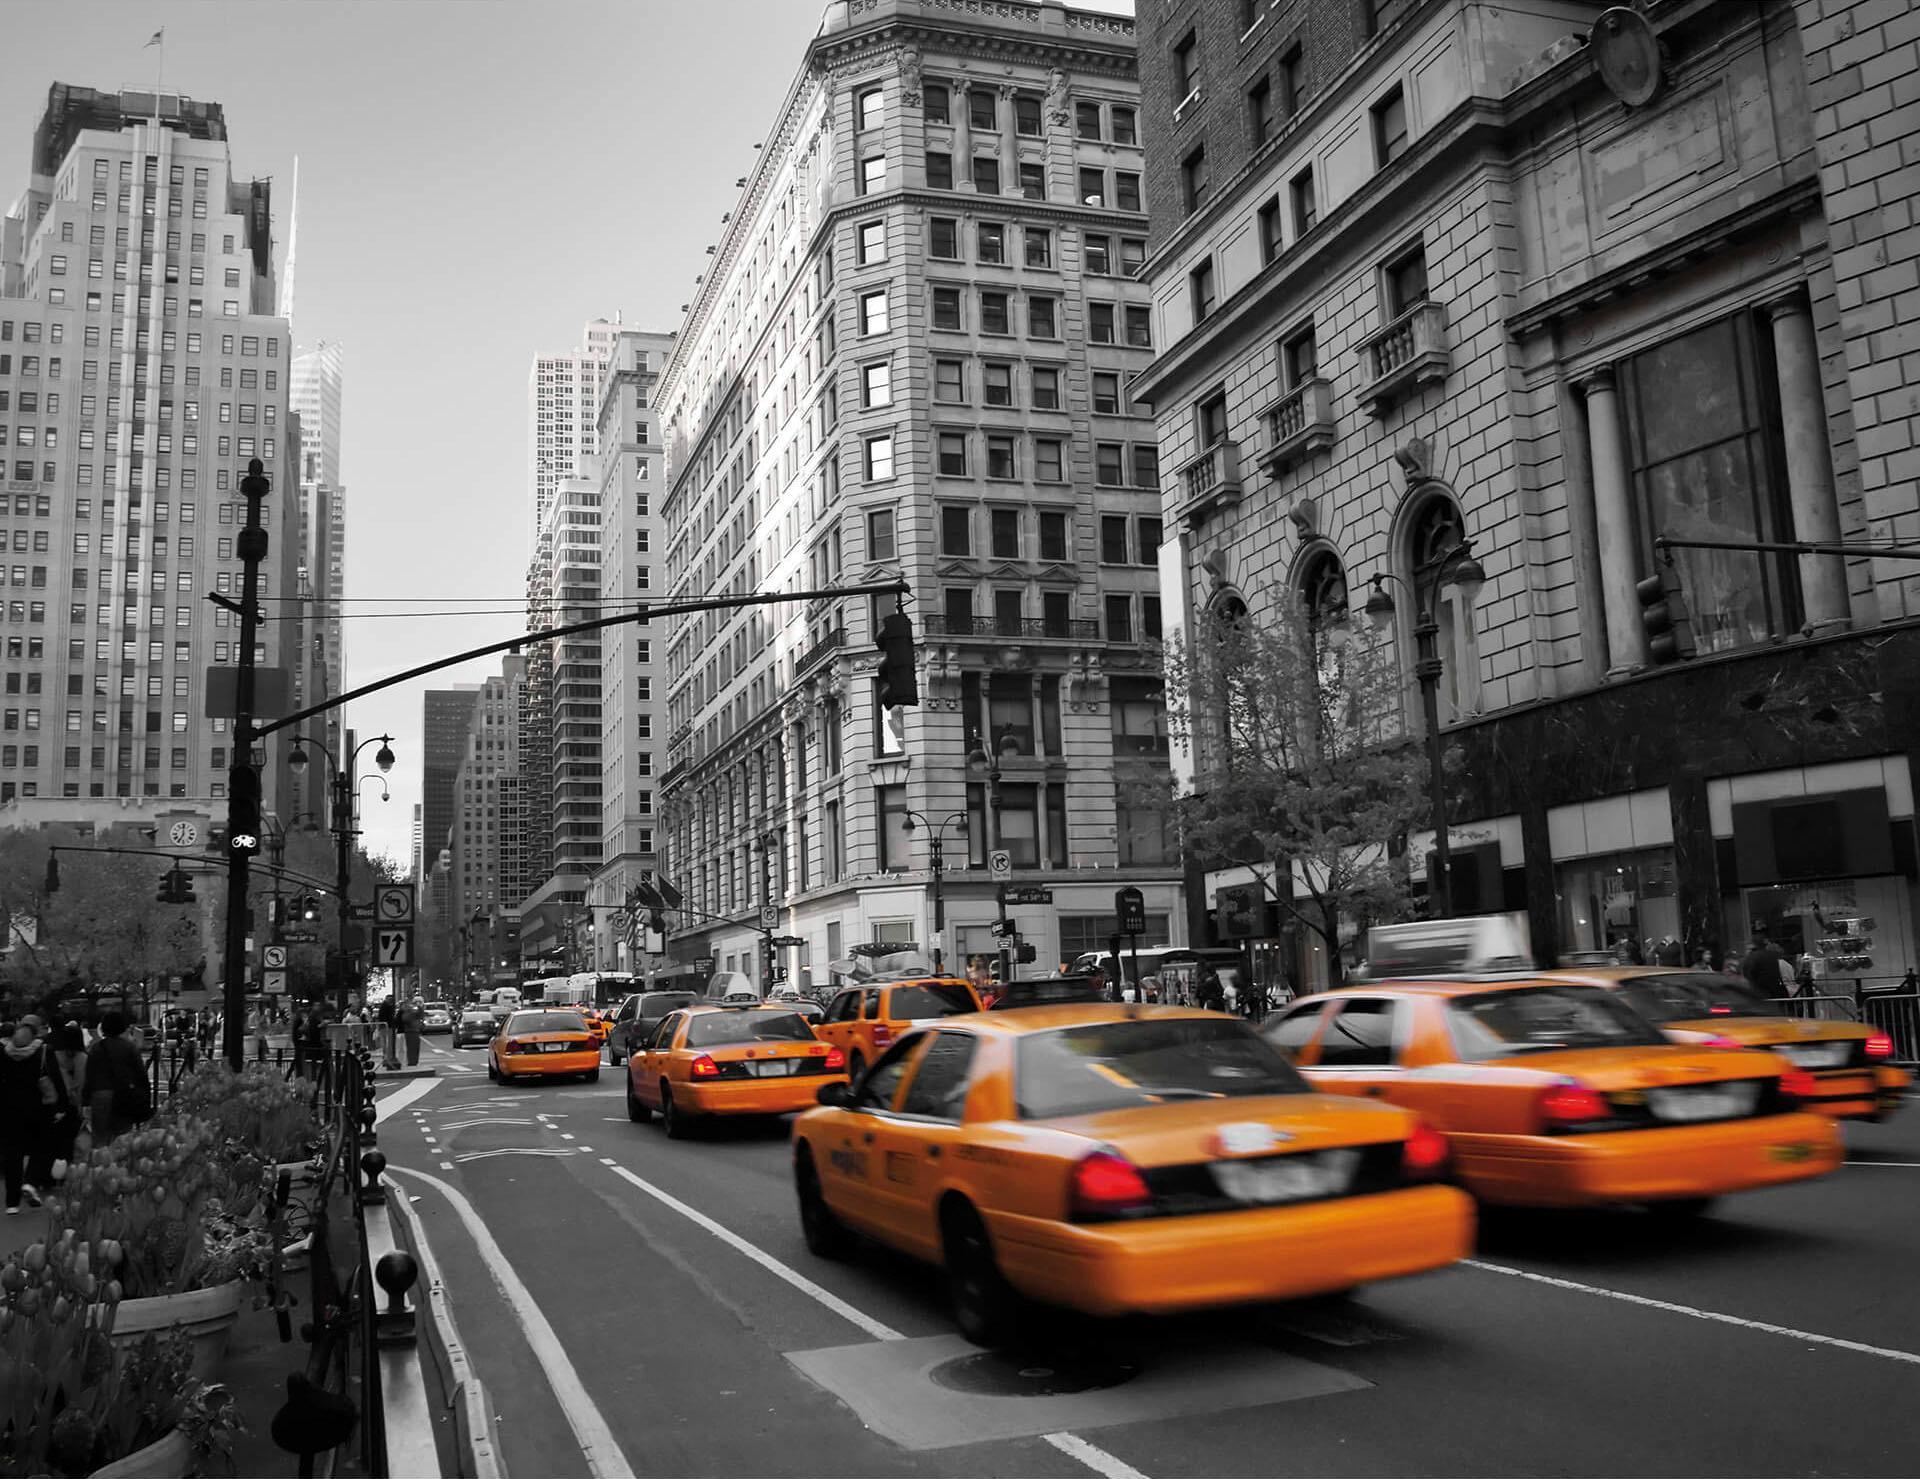 Fototapete Cabs in Manhattan 336/260 cm Wohnen/Wohntextilien/Tapeten/Fototapeten/Fototapeten Stadt